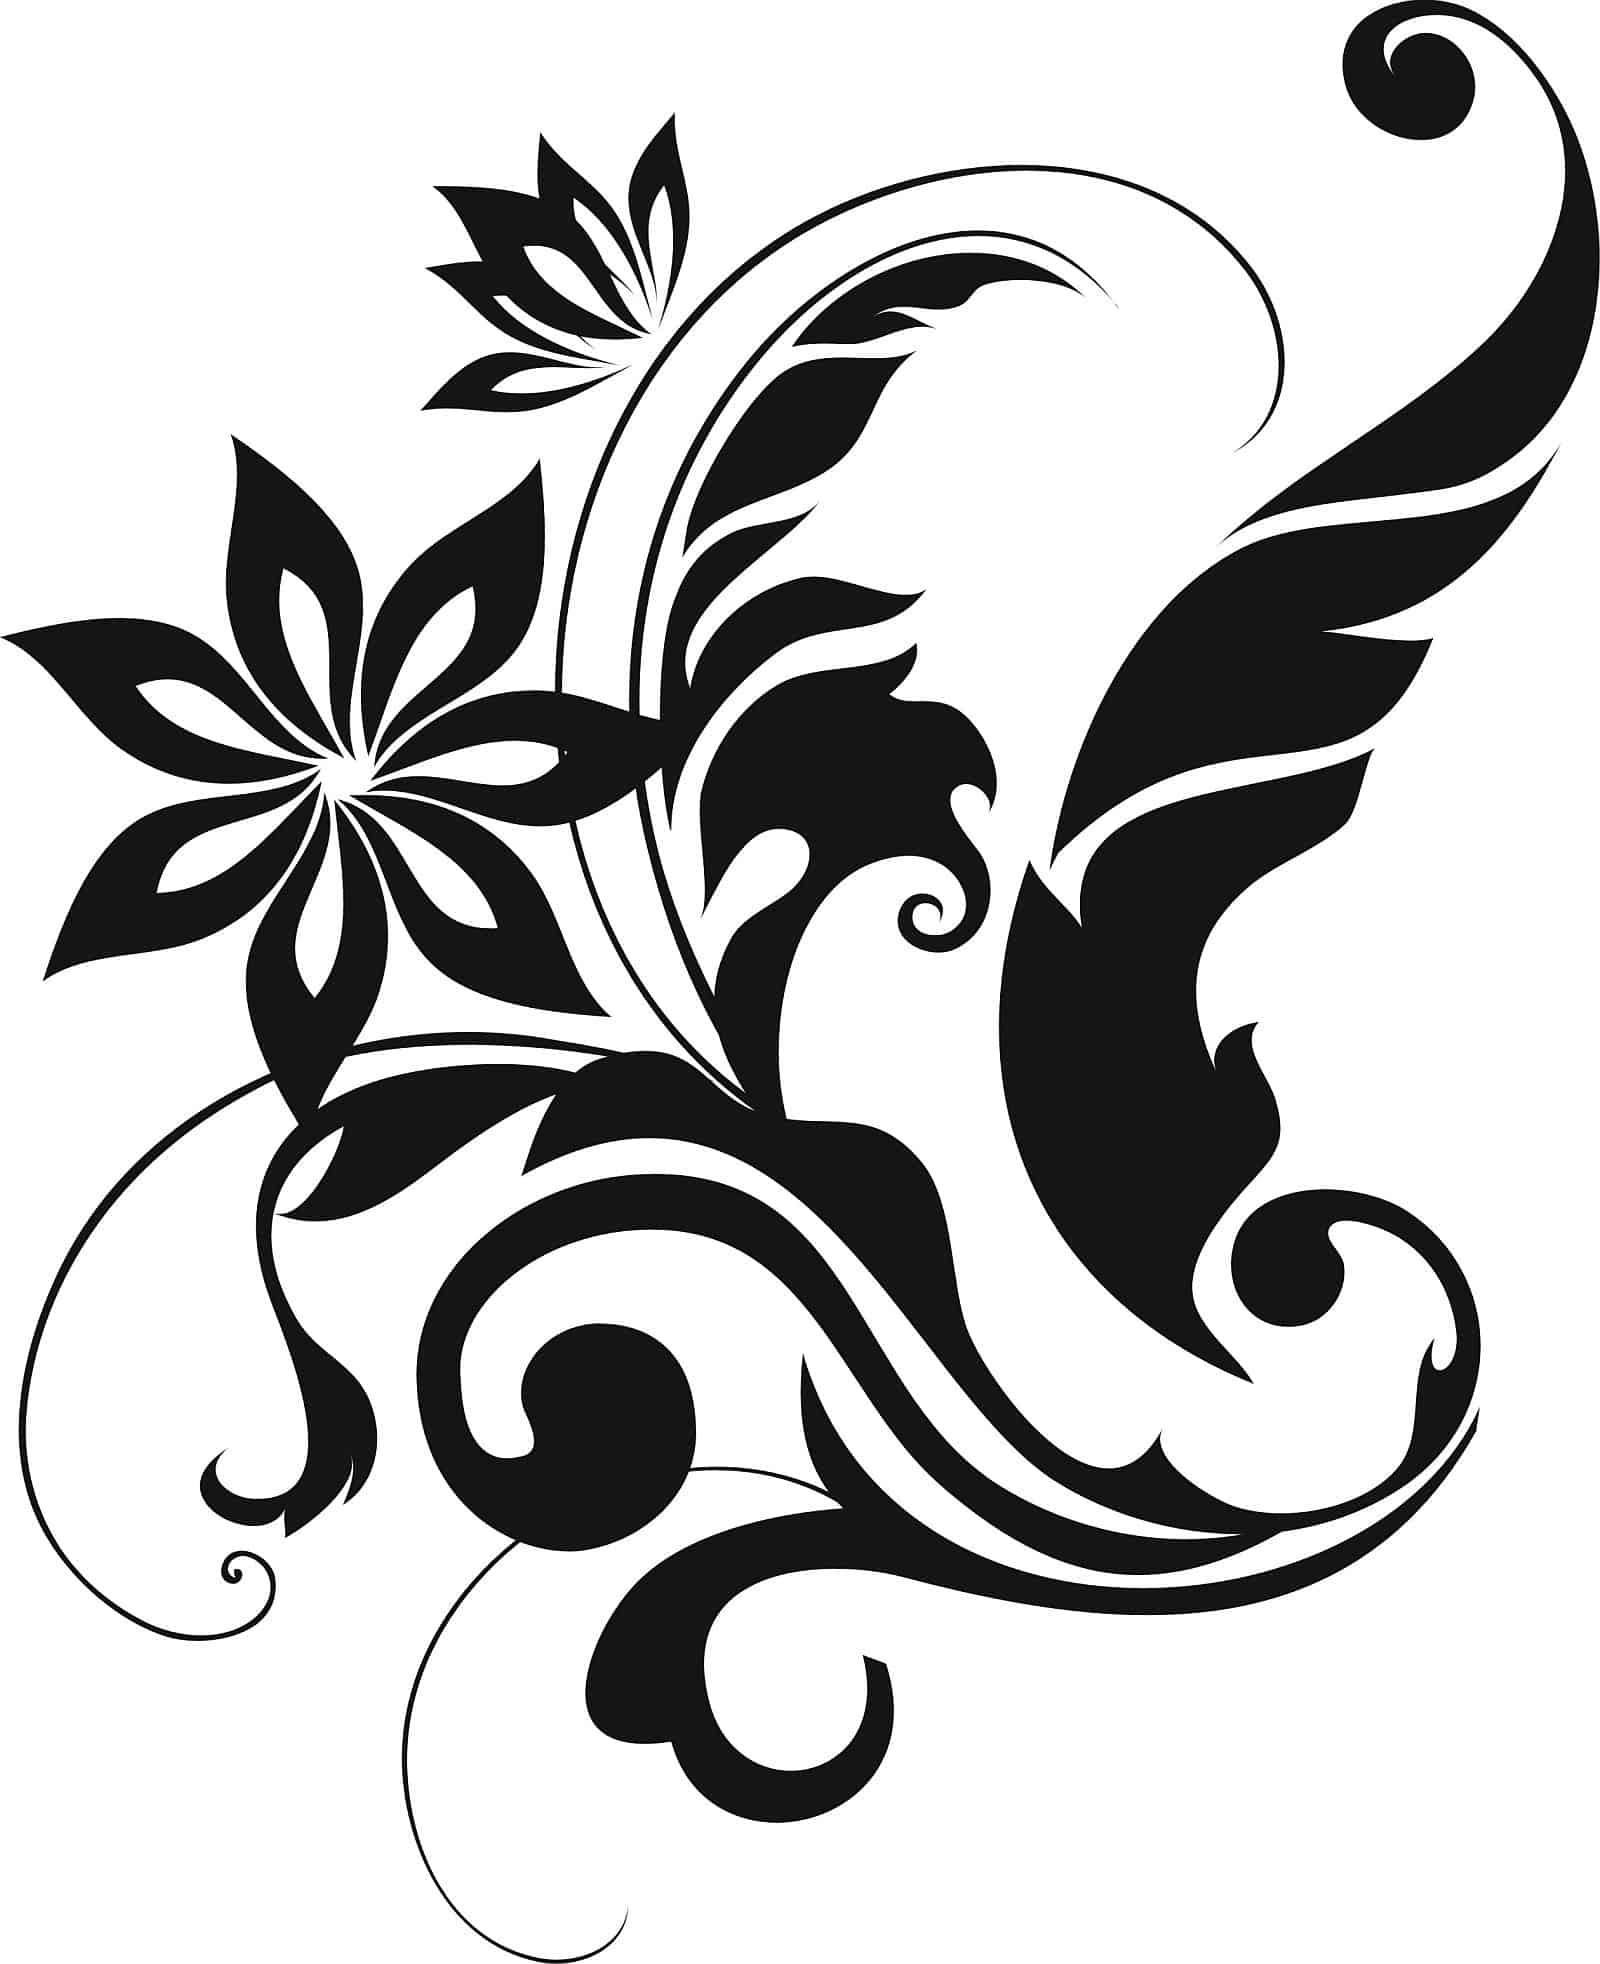 проще красивые векторные черно белые картинки раскаленное масло